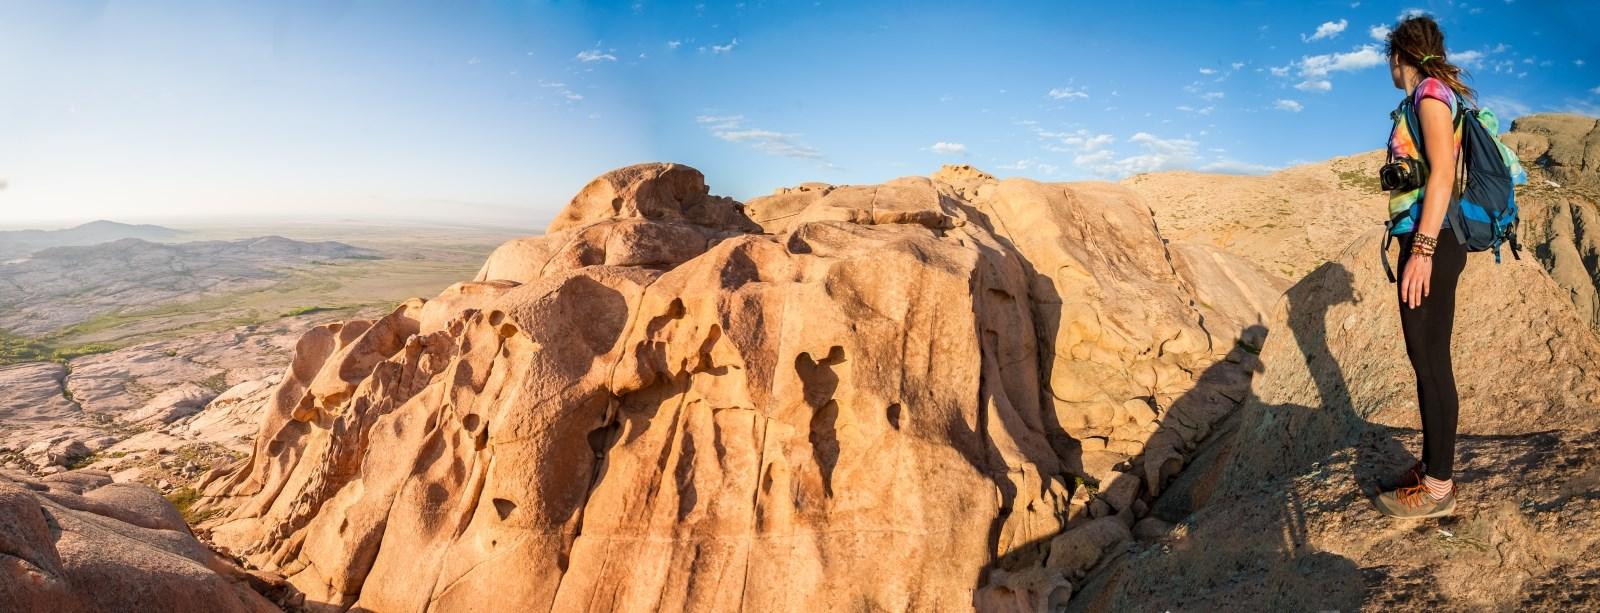 Hiker Looking Over Vista